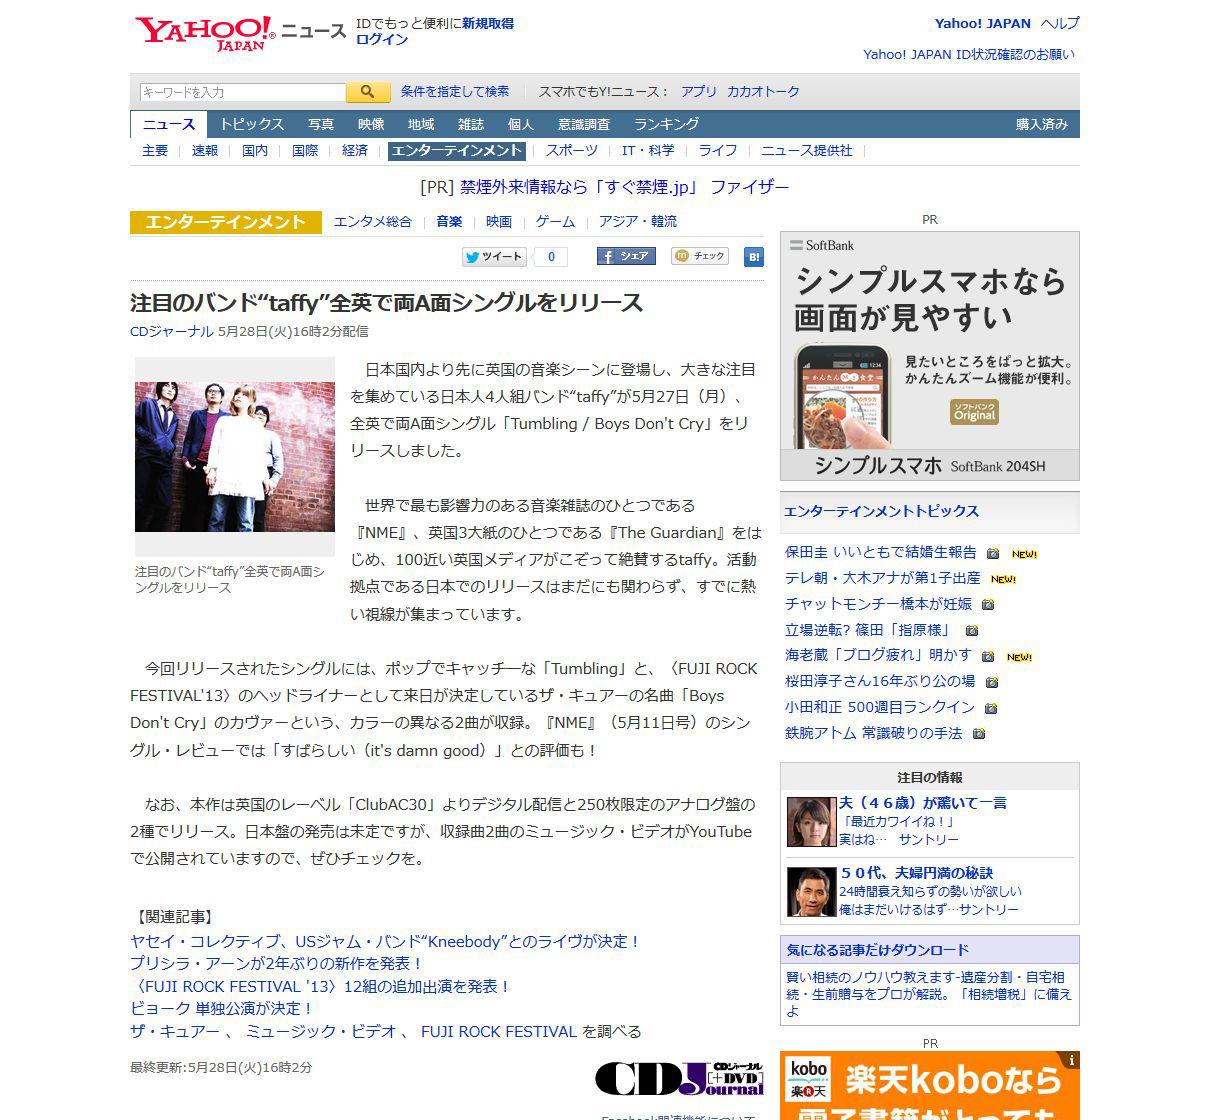 20130528_yahoo_detail.jpg